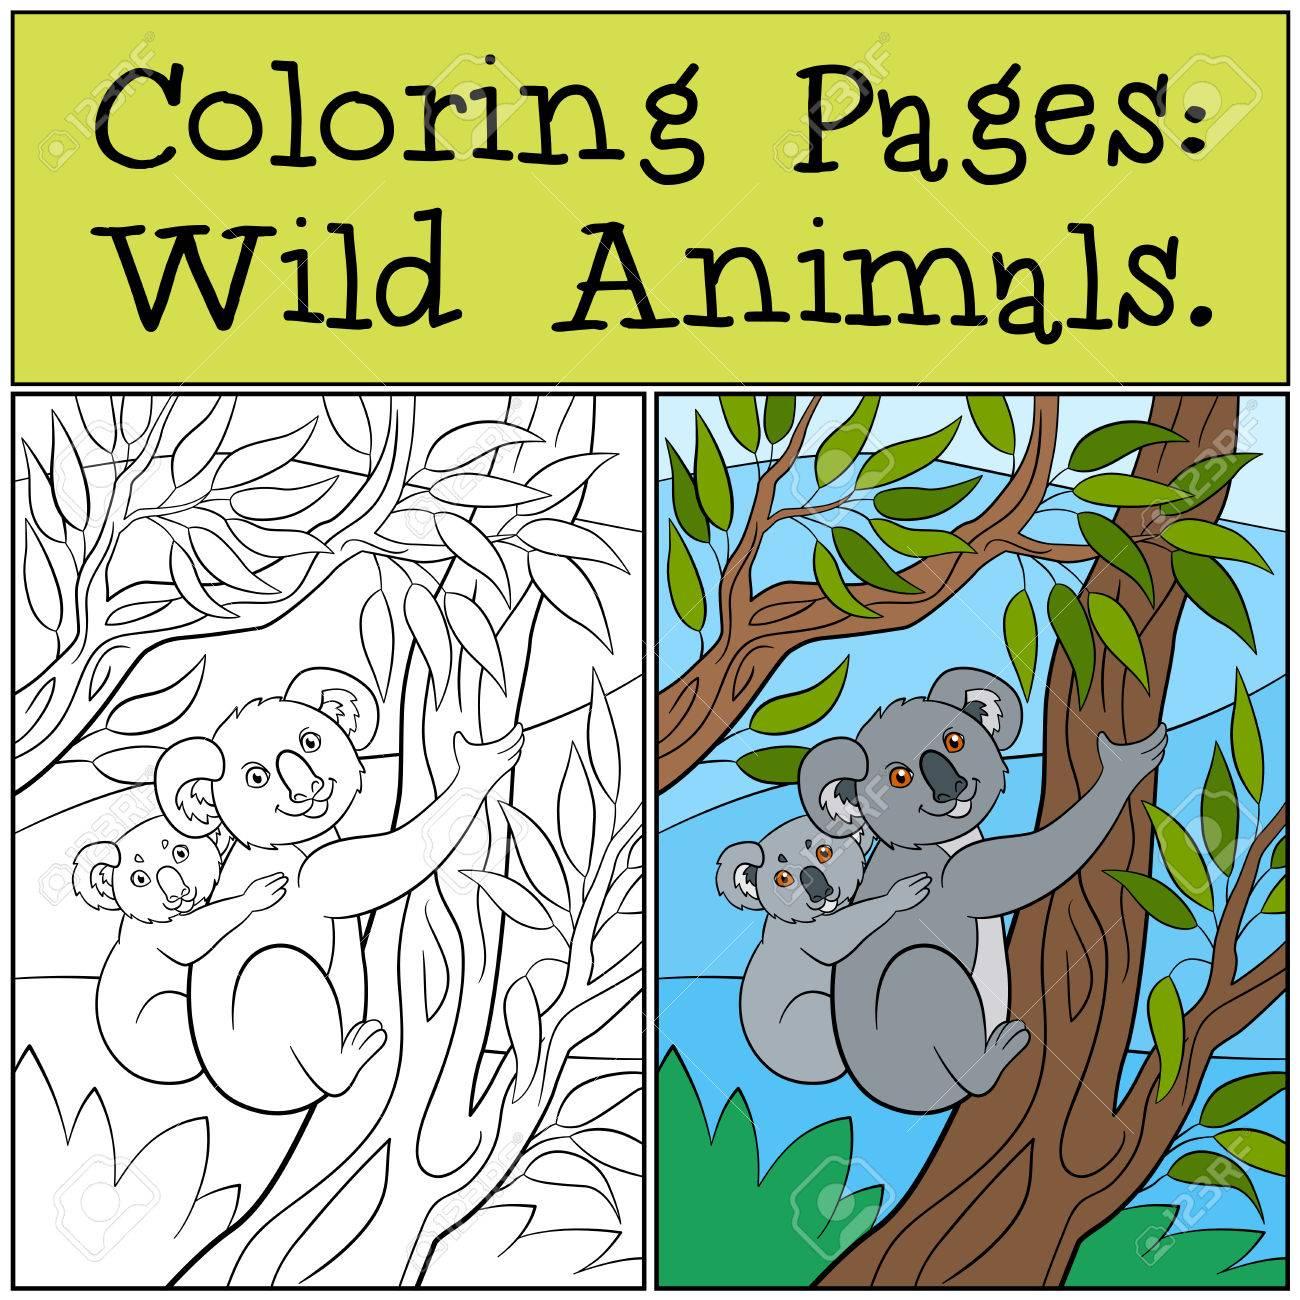 Kleine Kleurplaten Van Dieren.Kleurplaten Wilde Dieren Moeder Koala Zit Op De Boomtak Met Haar Kleine Schattige Baby En Glimlach